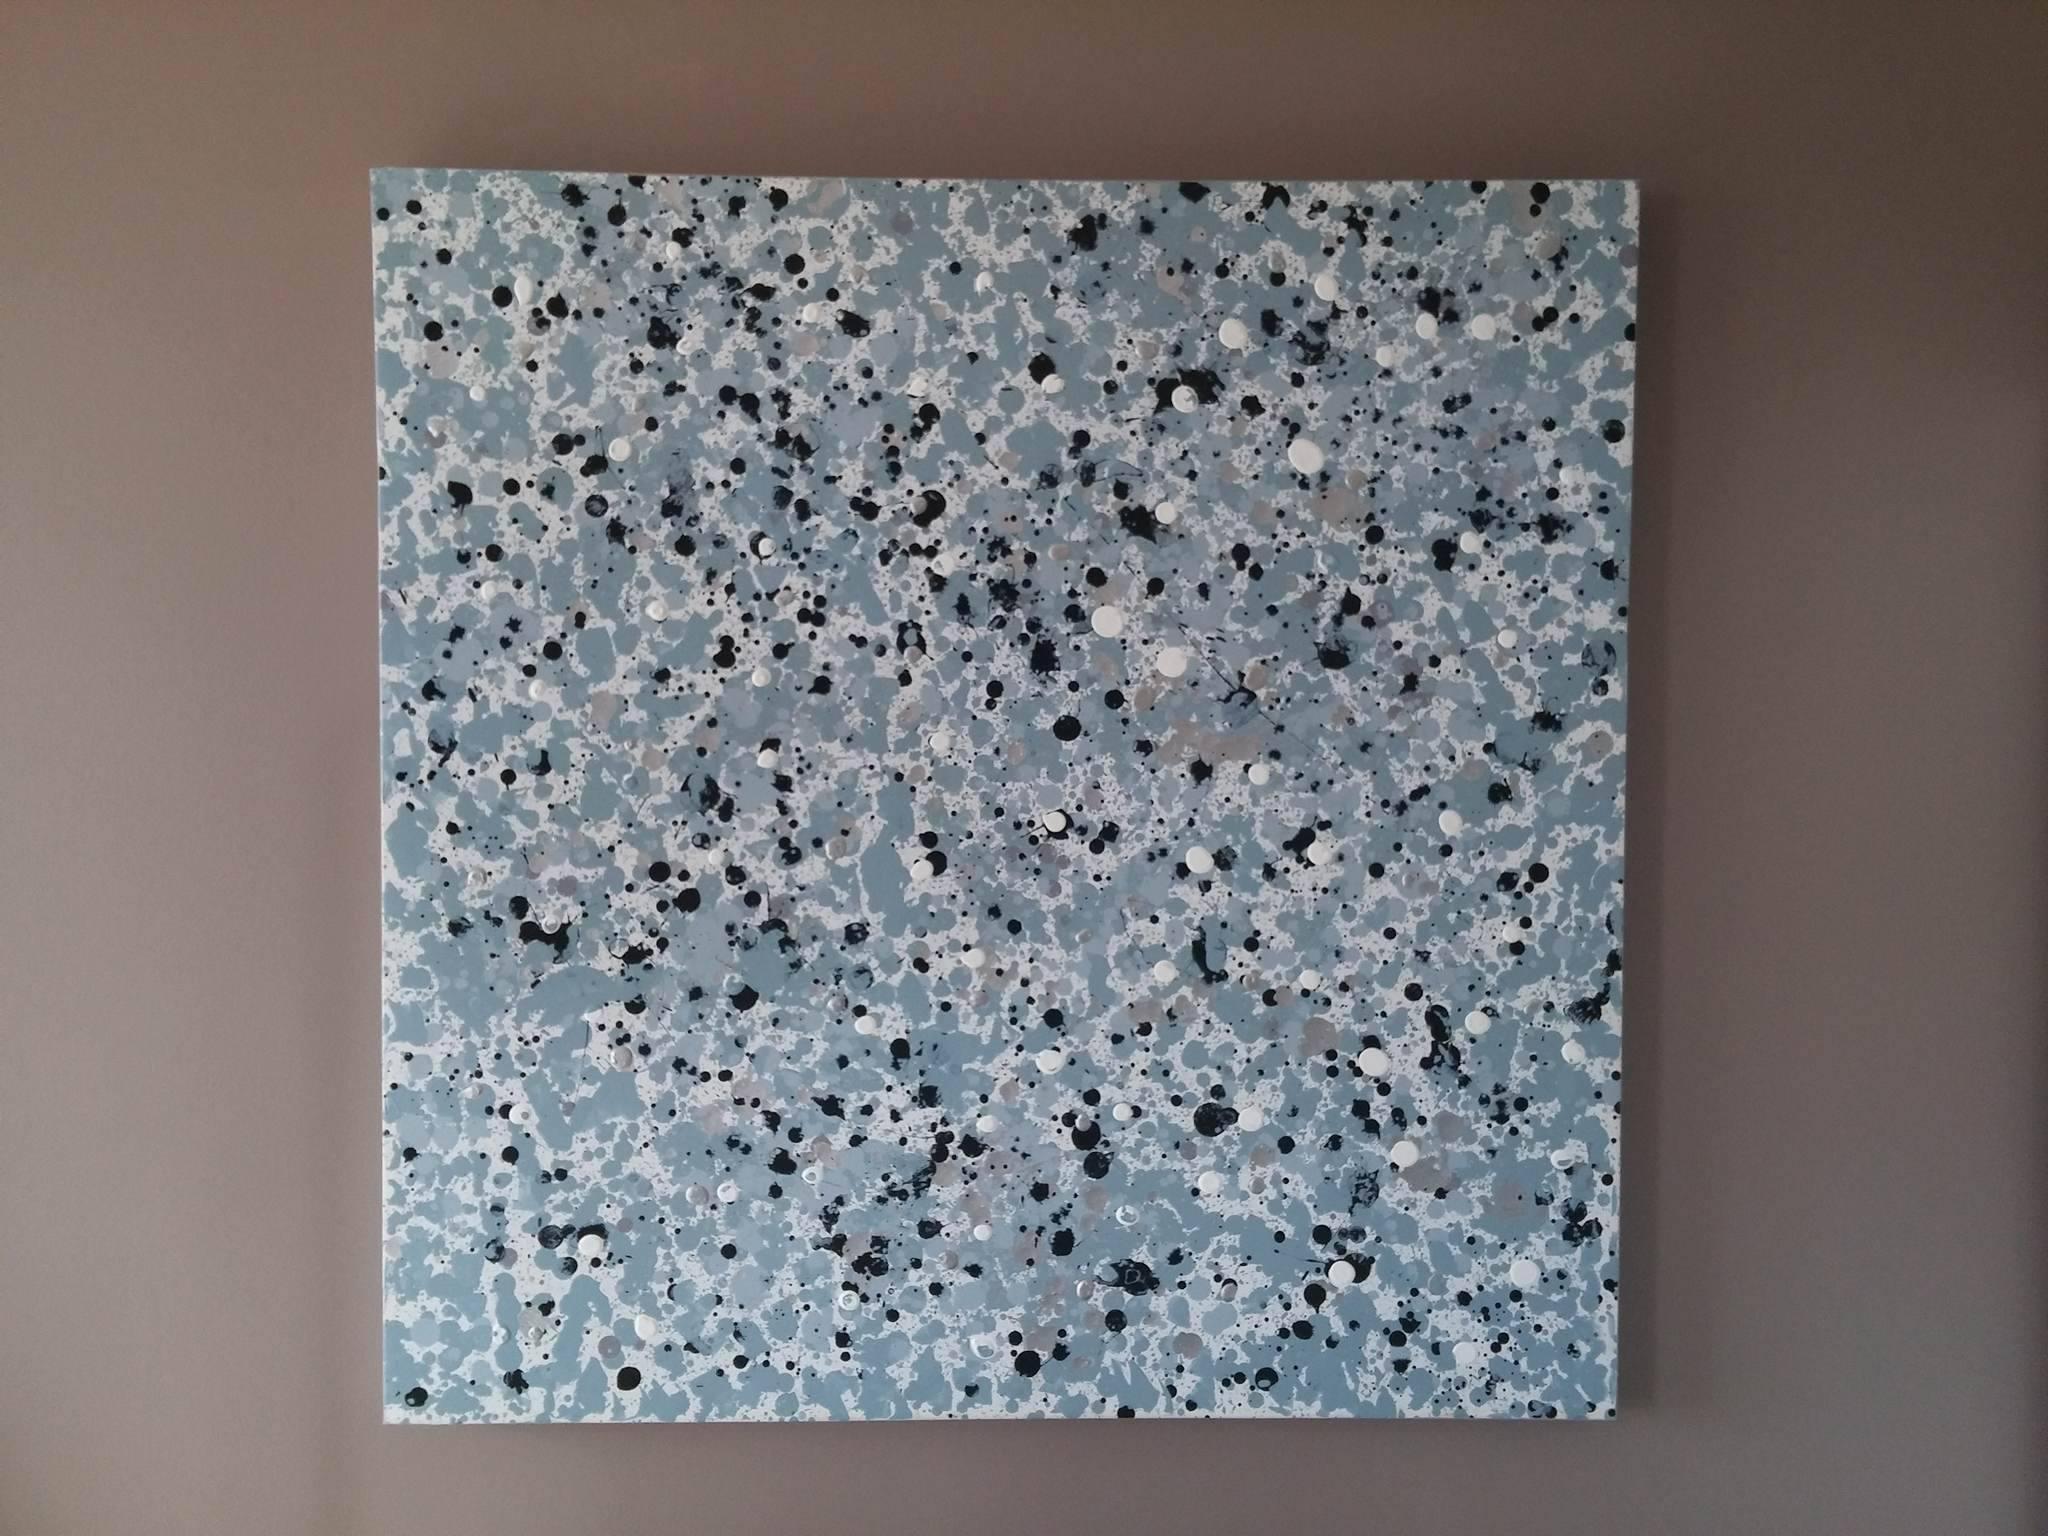 Promotion sur une sélection de tableaux - Ex:  Toile peinte à la main Neptune 90 x 90 cm